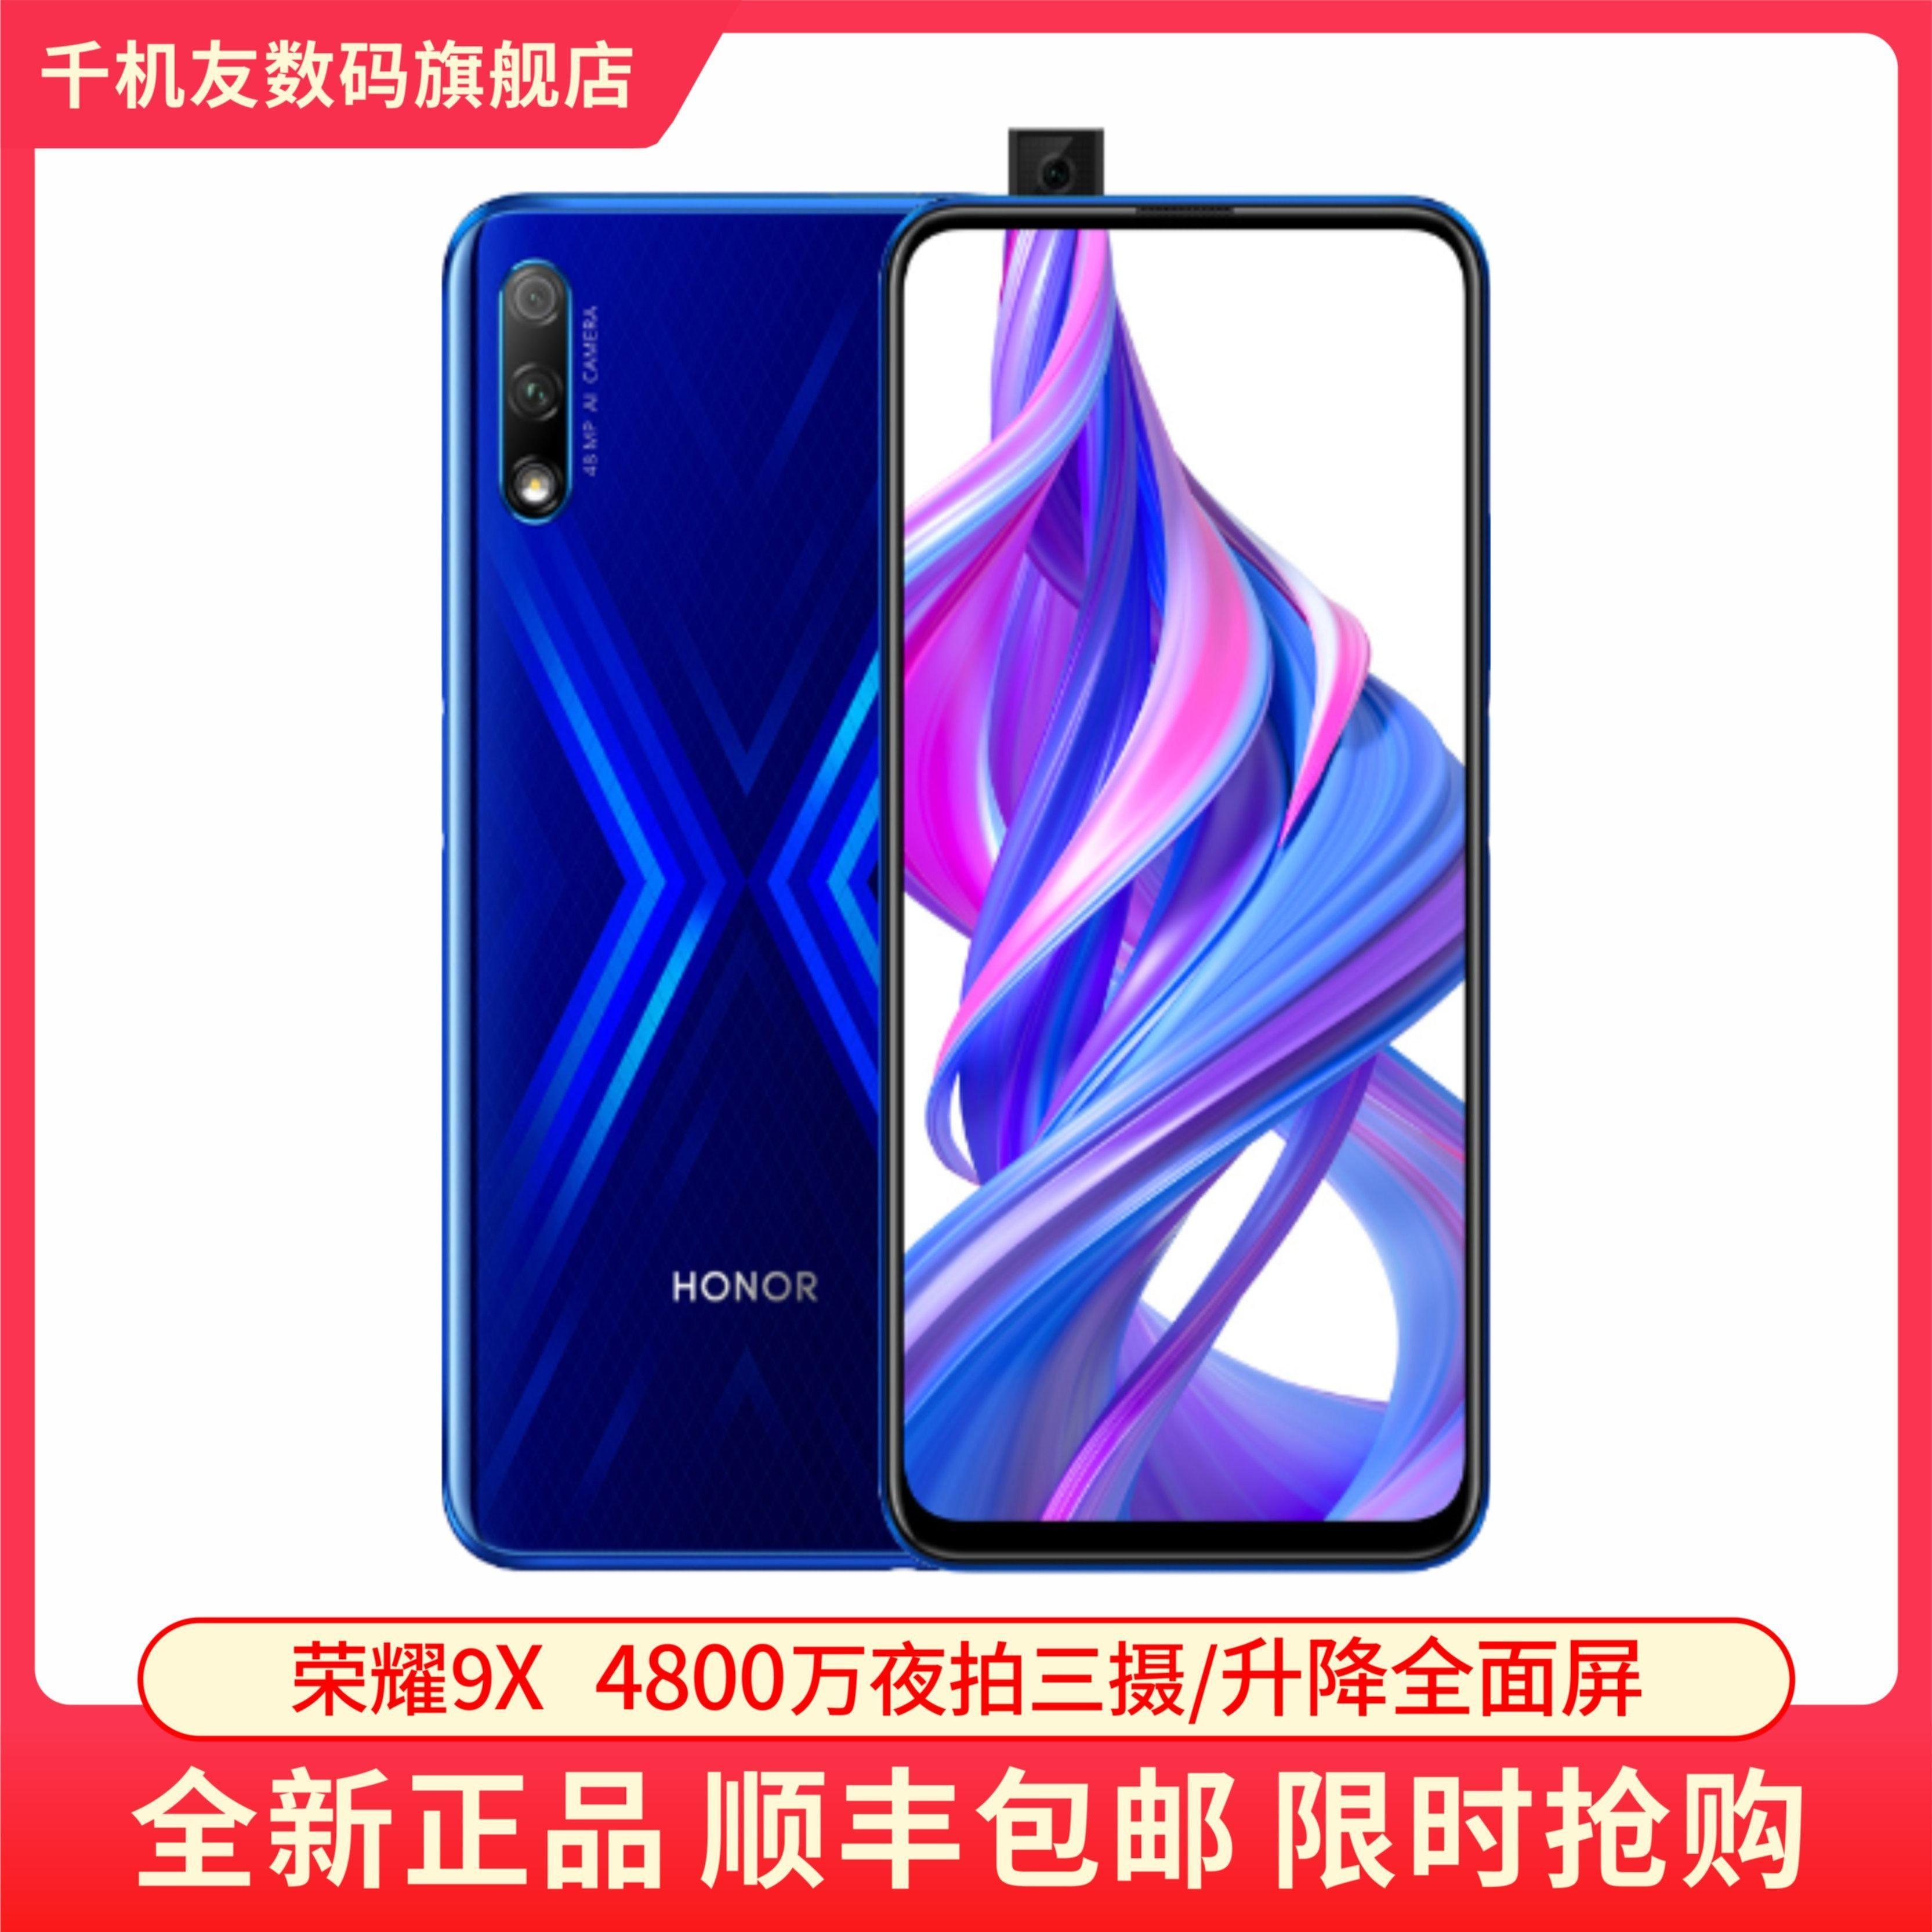 HONOR 荣耀 9X 智能手机 4GB+64GB ¥949包邮